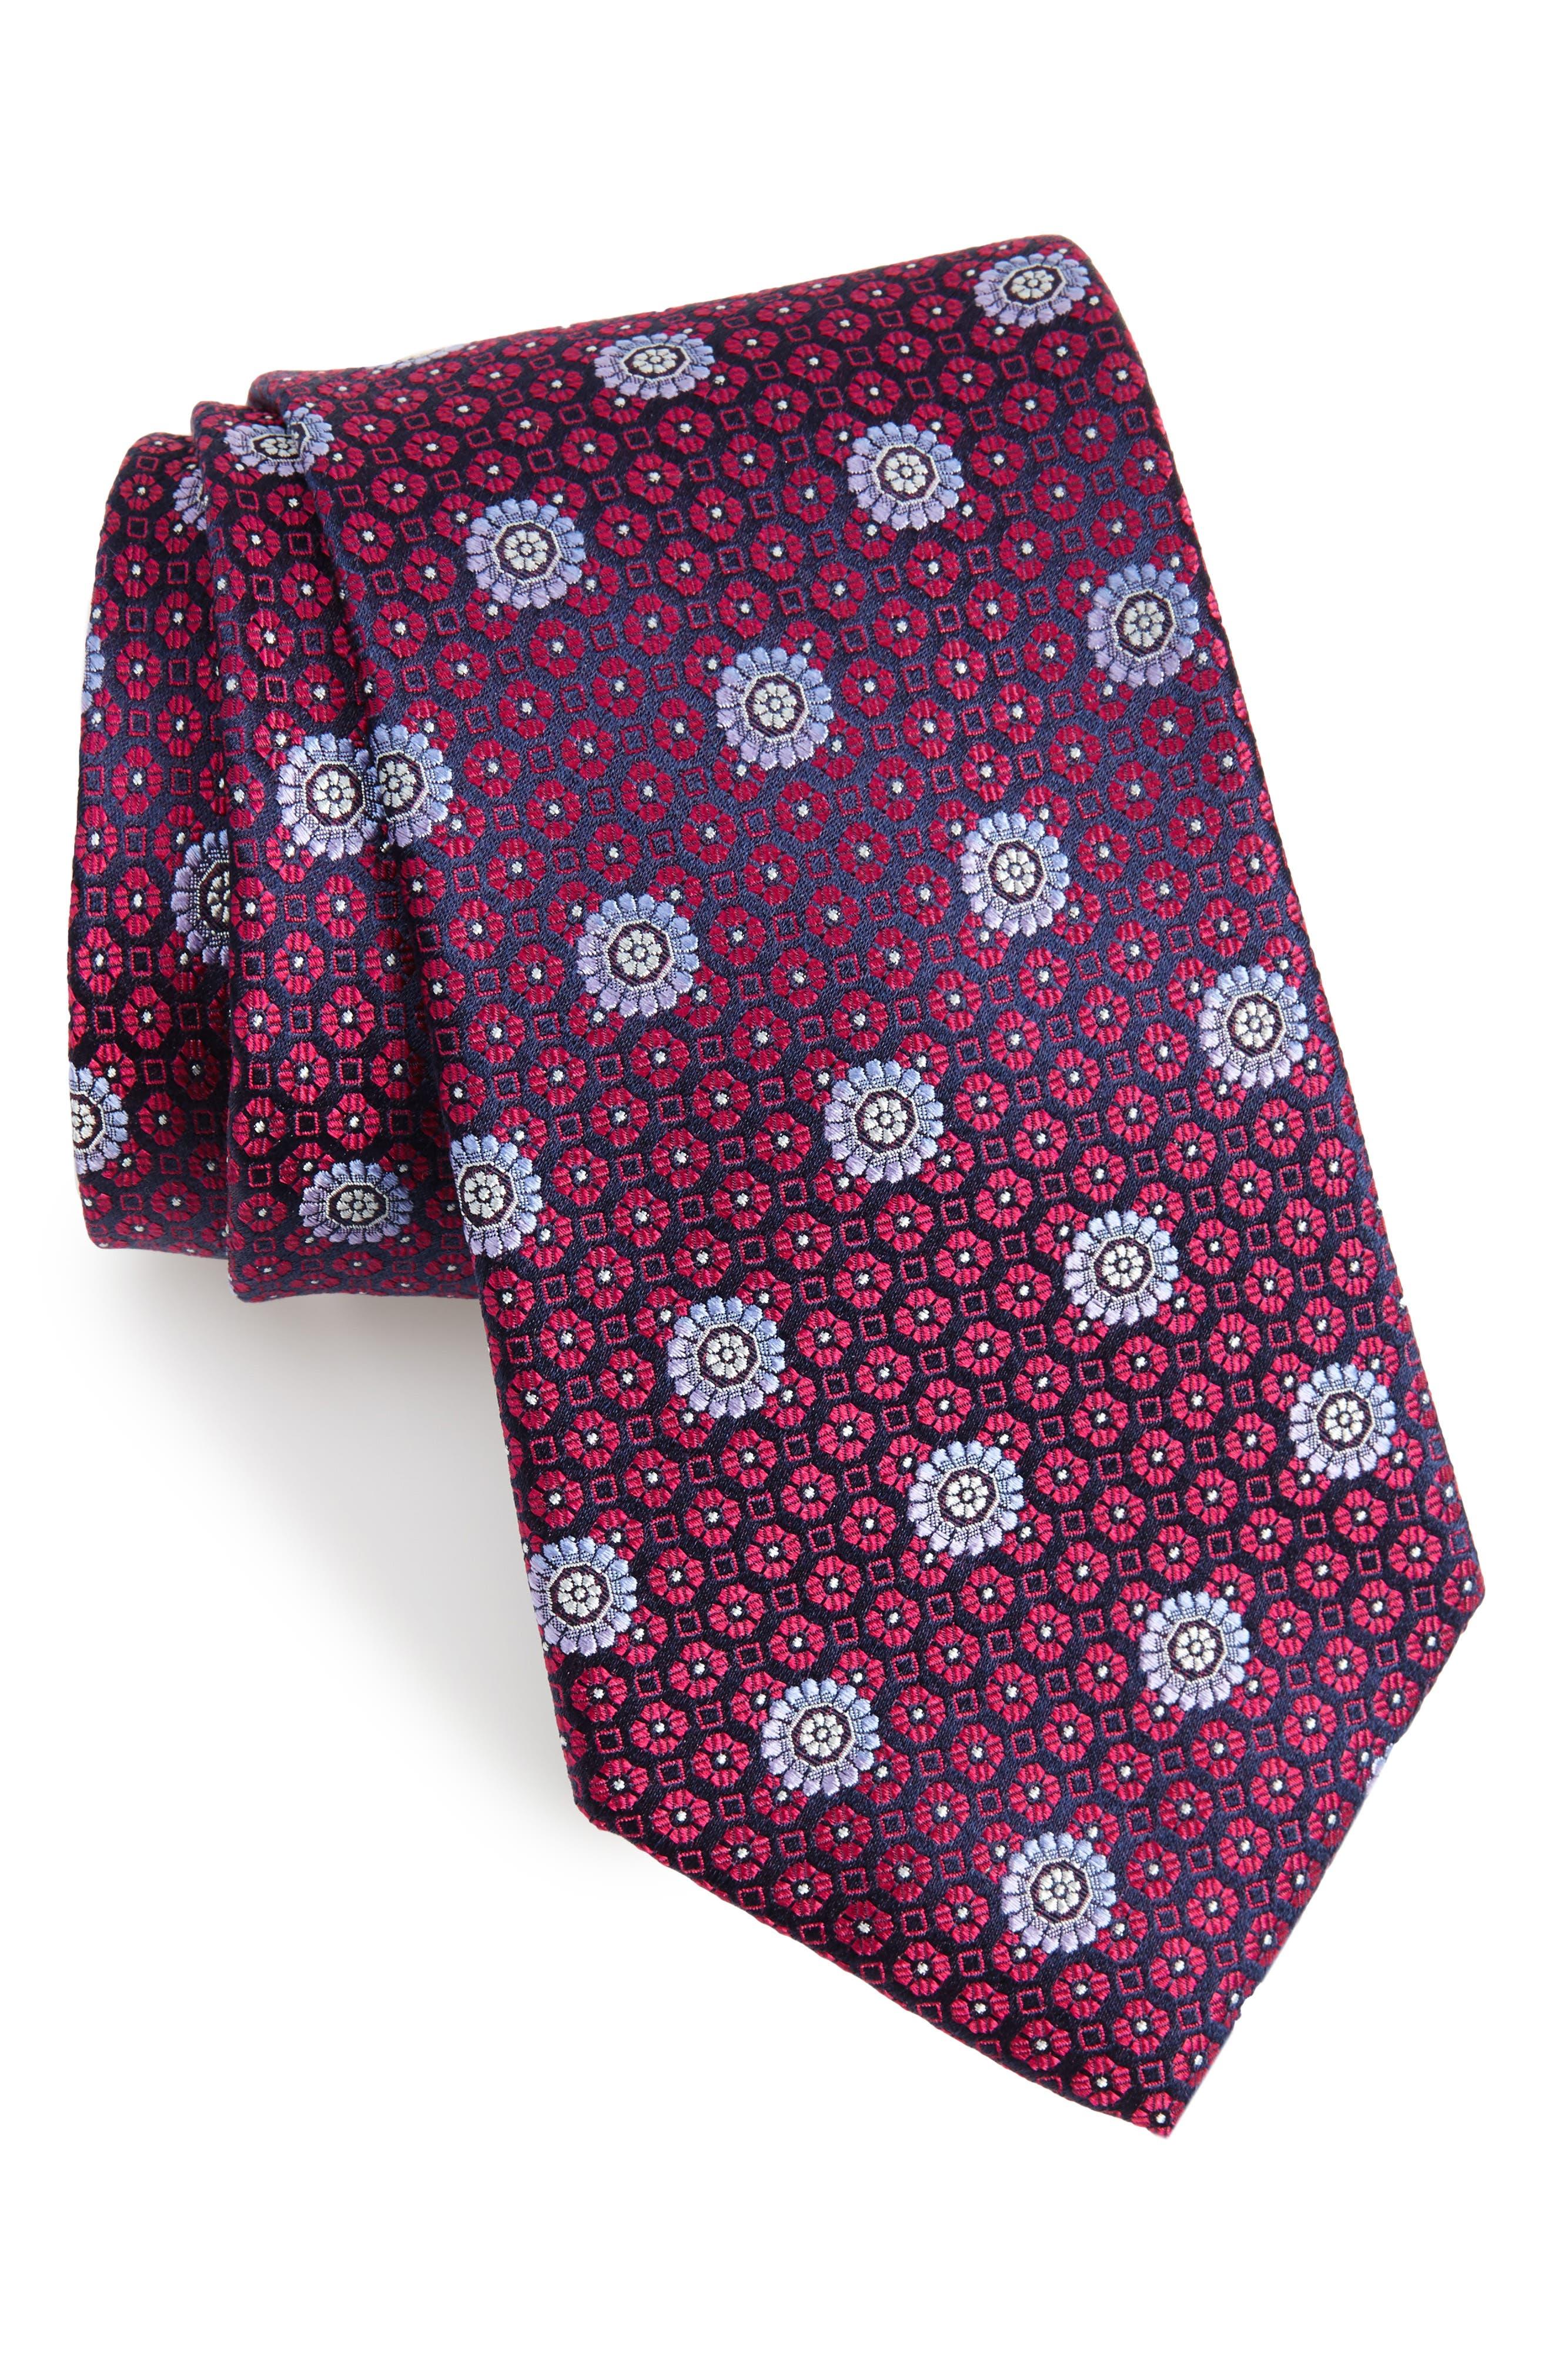 Regency Neat Medallion Silk Tie,                         Main,                         color, Navy Blue